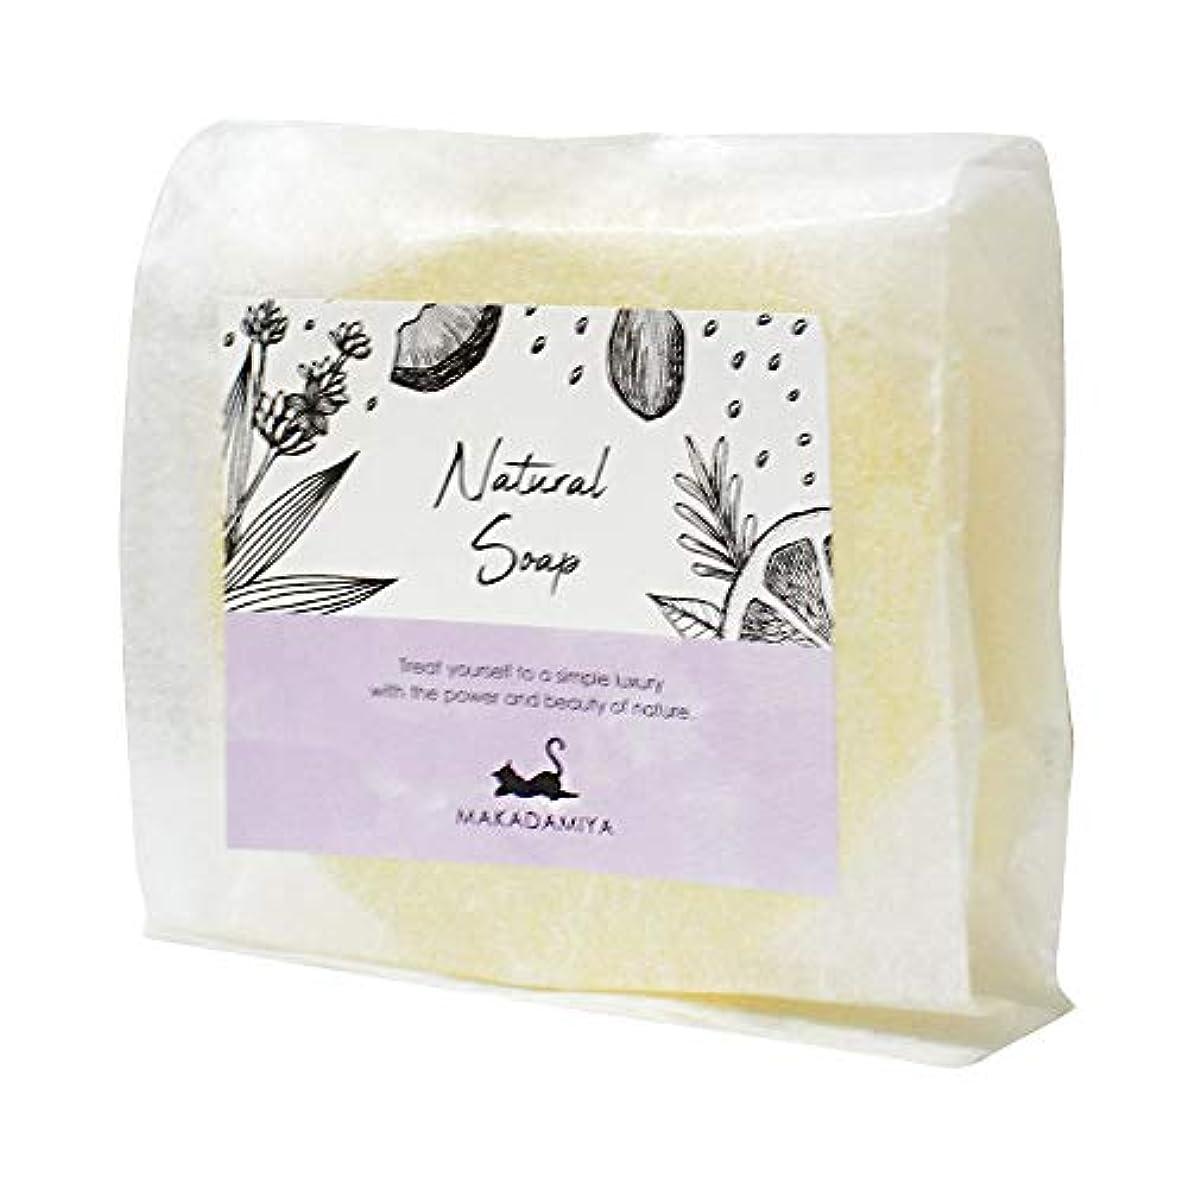 サスペンドローラー薄めるマカダミ屋の手作り天然石けん80g 敏感肌用 天然アロマ香りで癒され潤う。